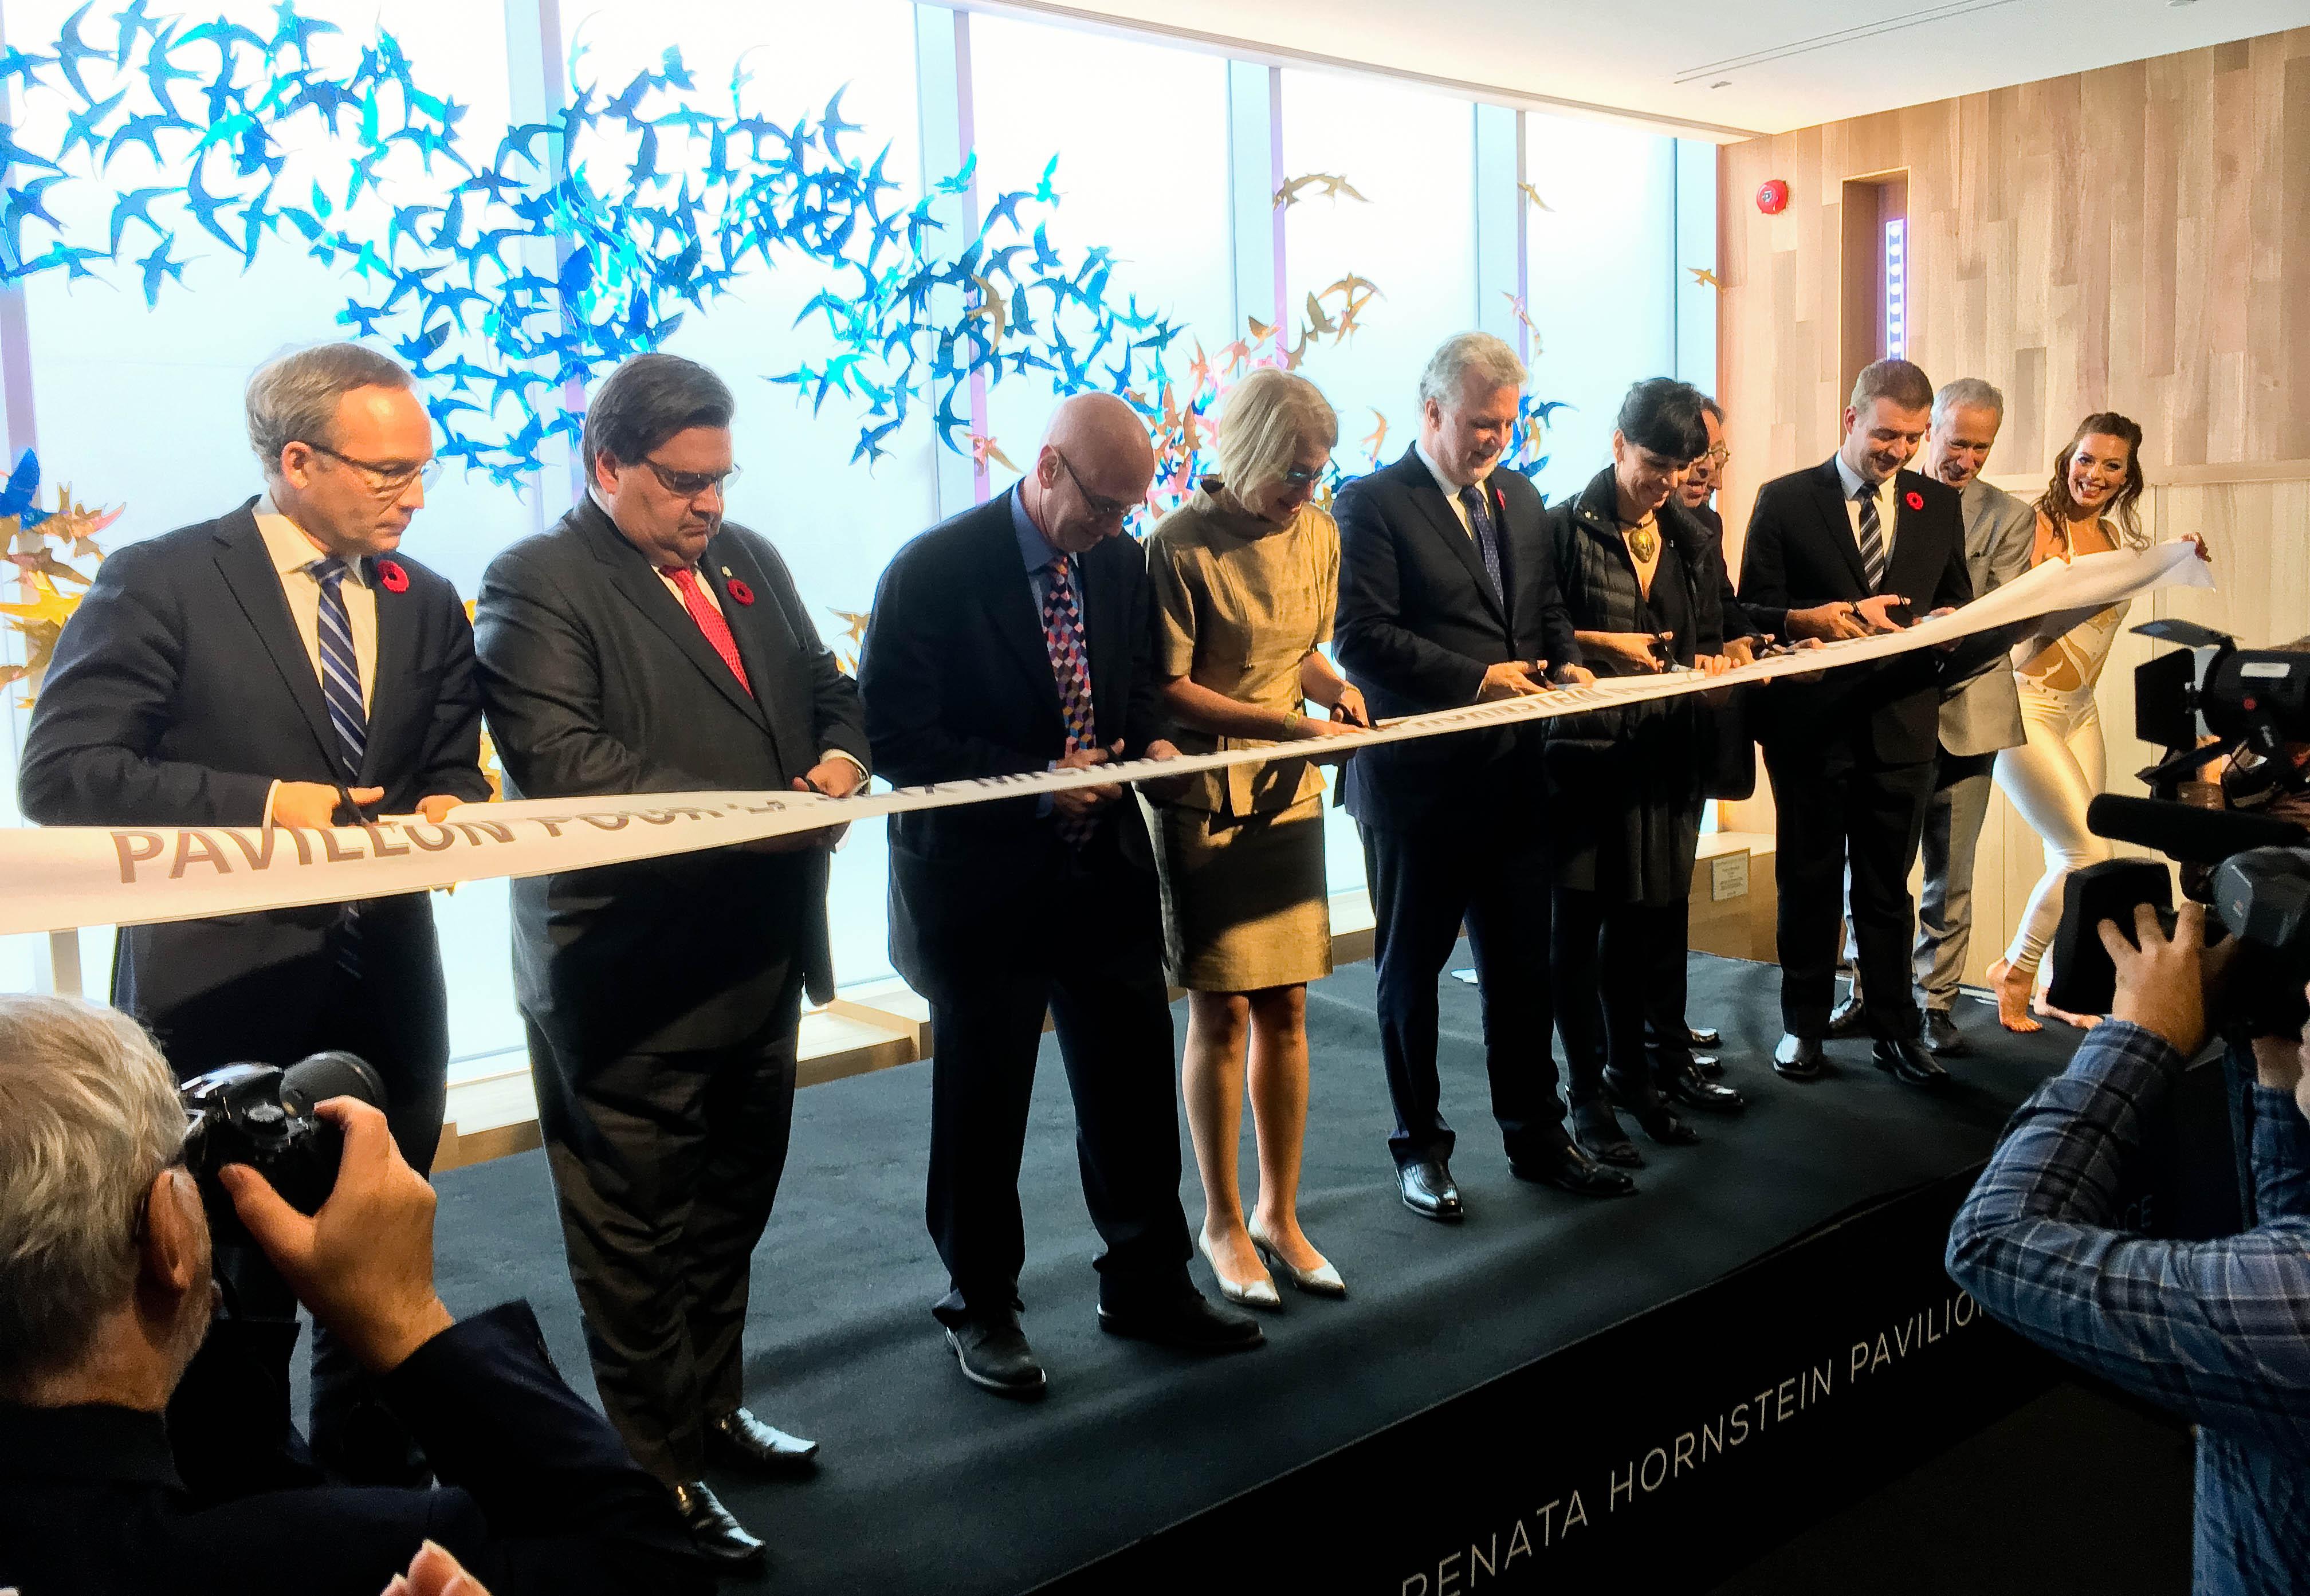 Le Pavillon pour la paix du MBAM ouvre ses portes aujourd'hui